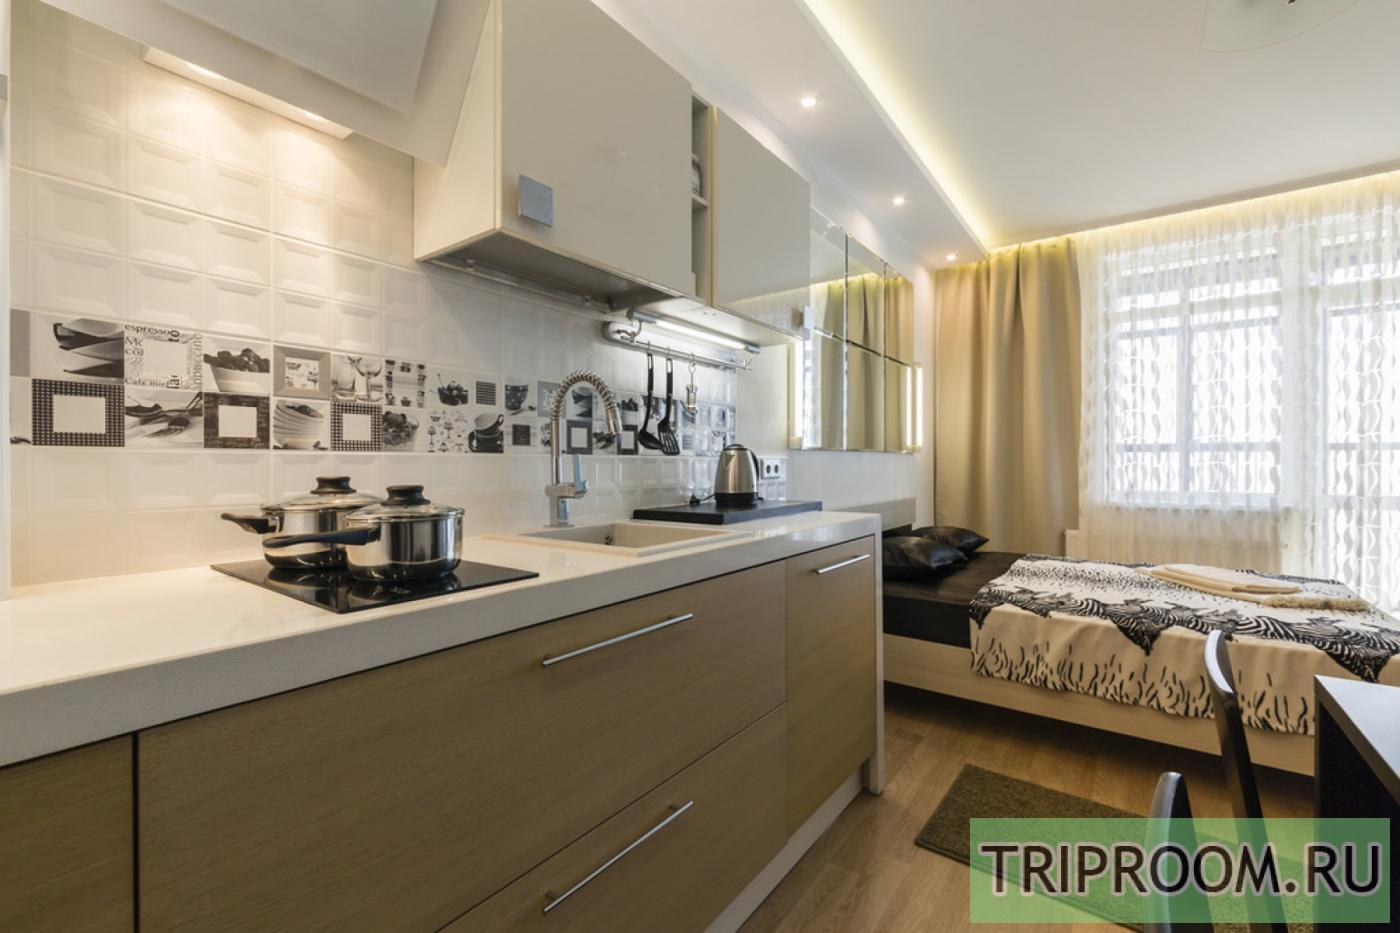 1-комнатная квартира посуточно (вариант № 18461), ул. Адмирала Черокова улица, фото № 15